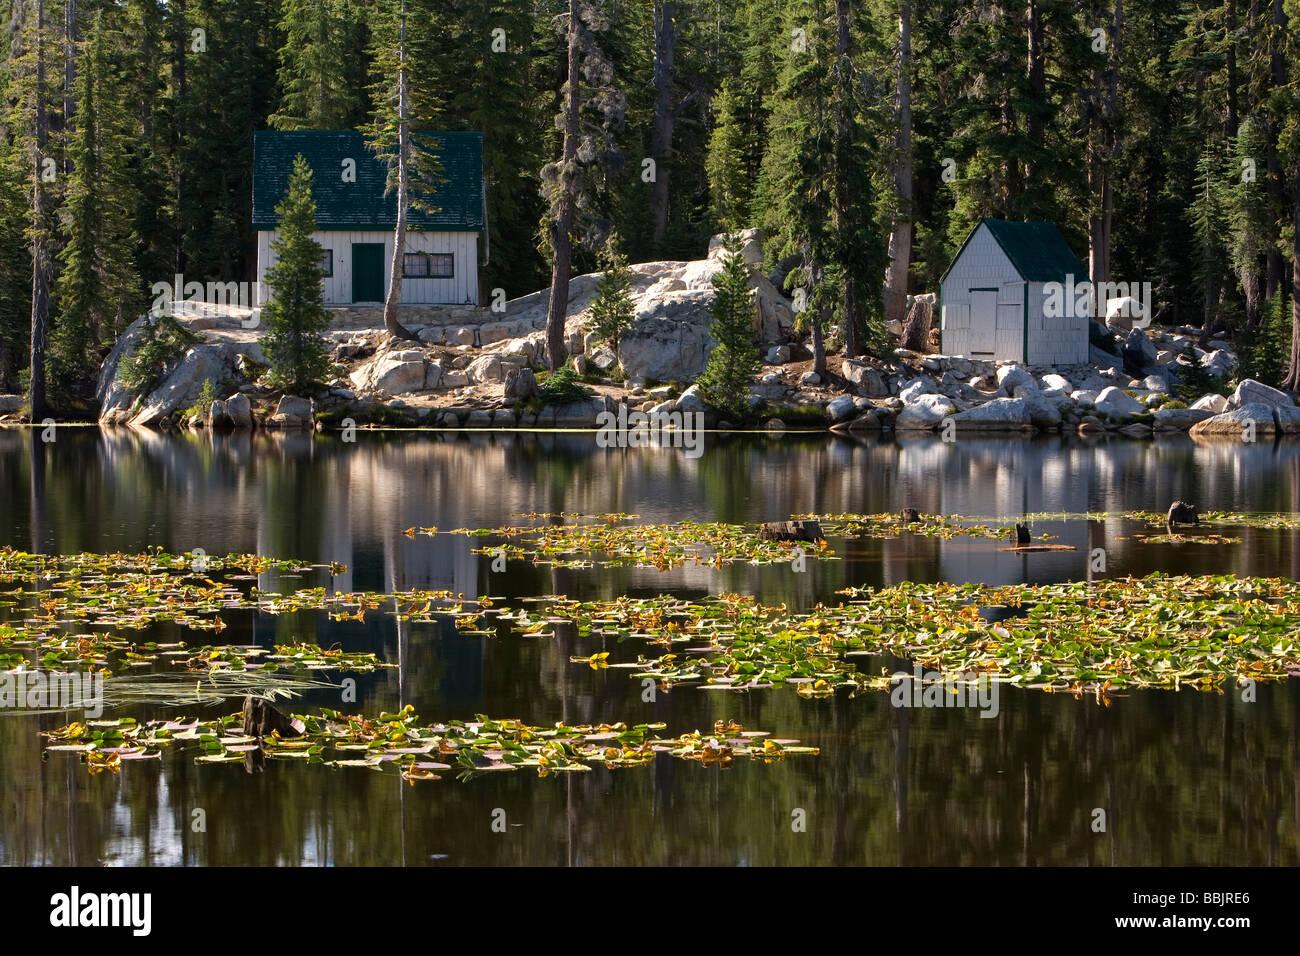 Small cabins near mosquito lake alpine county california